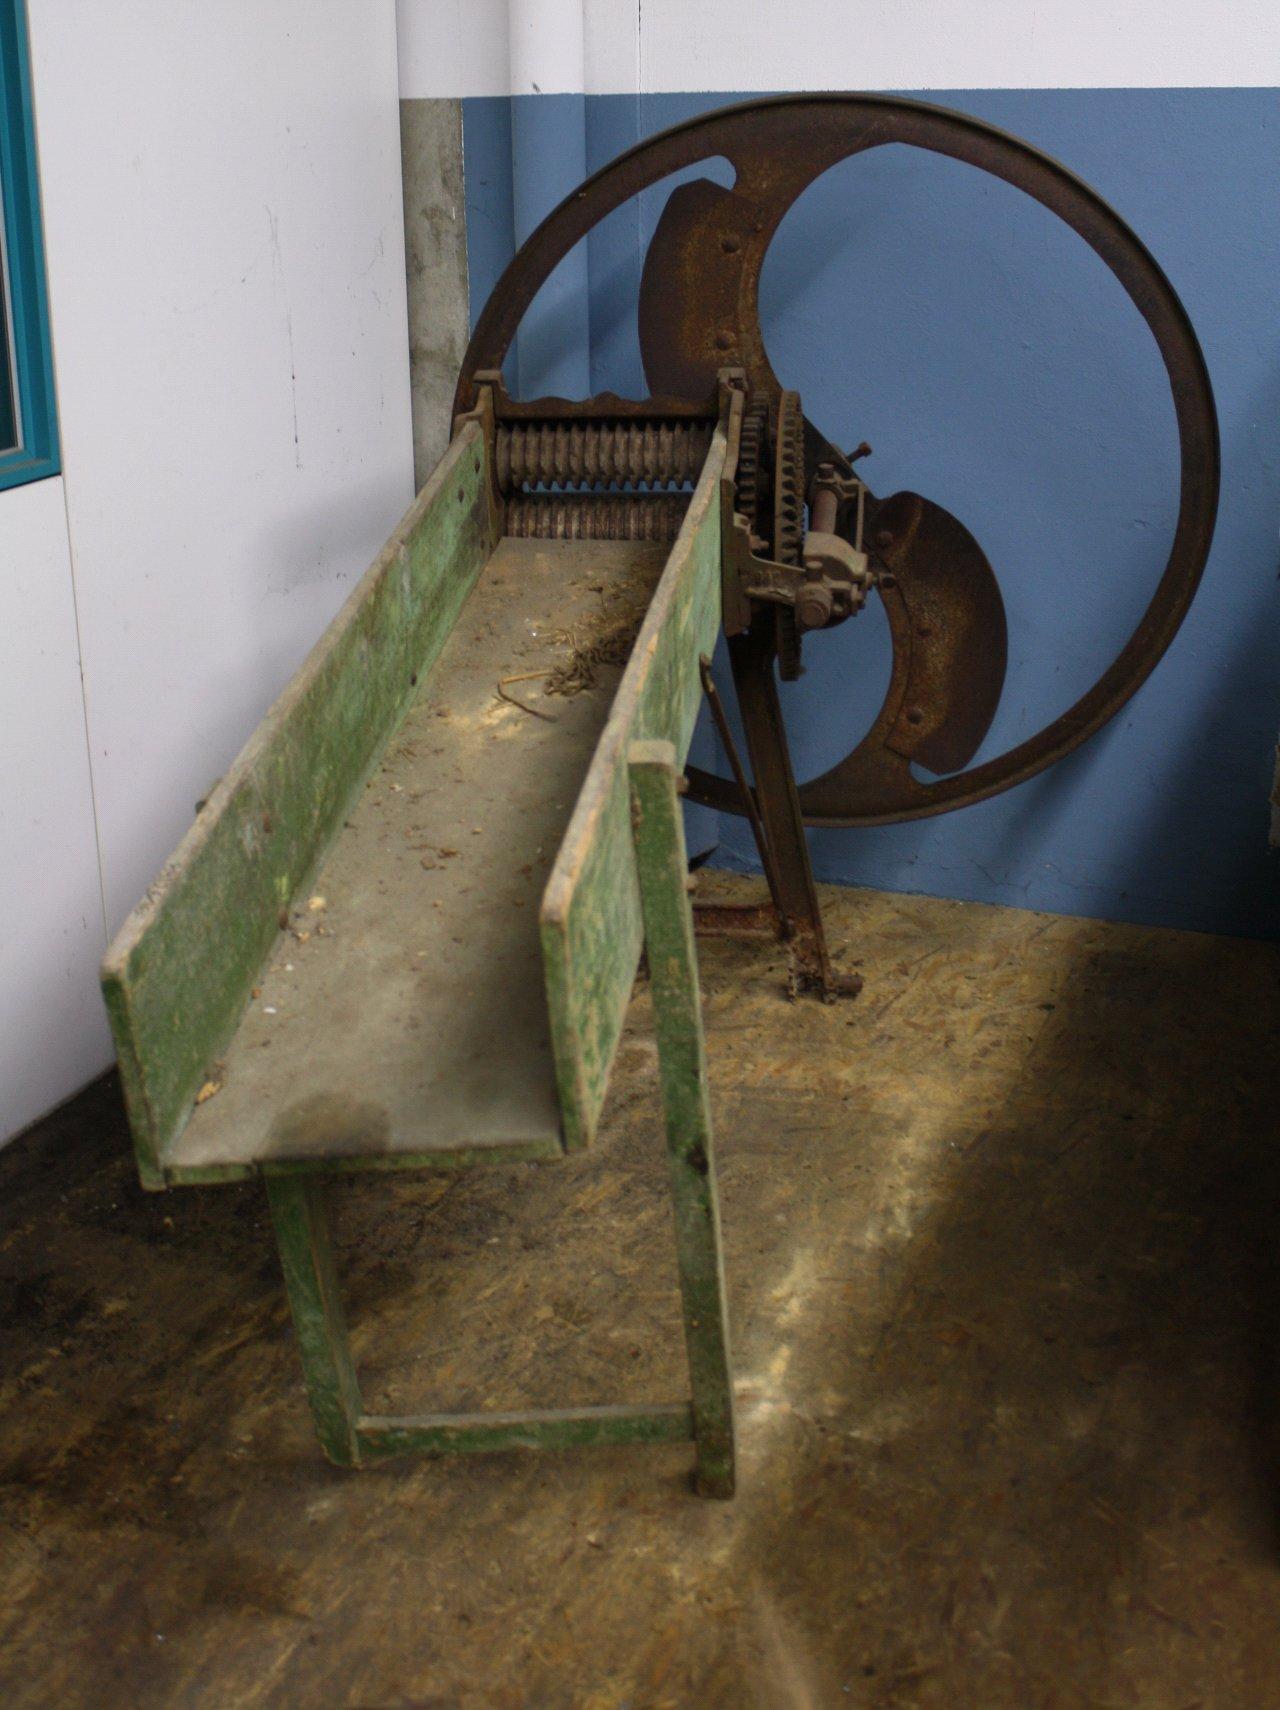 Landwirtschaftliche Maschine mit gußeisernen Schwungrad